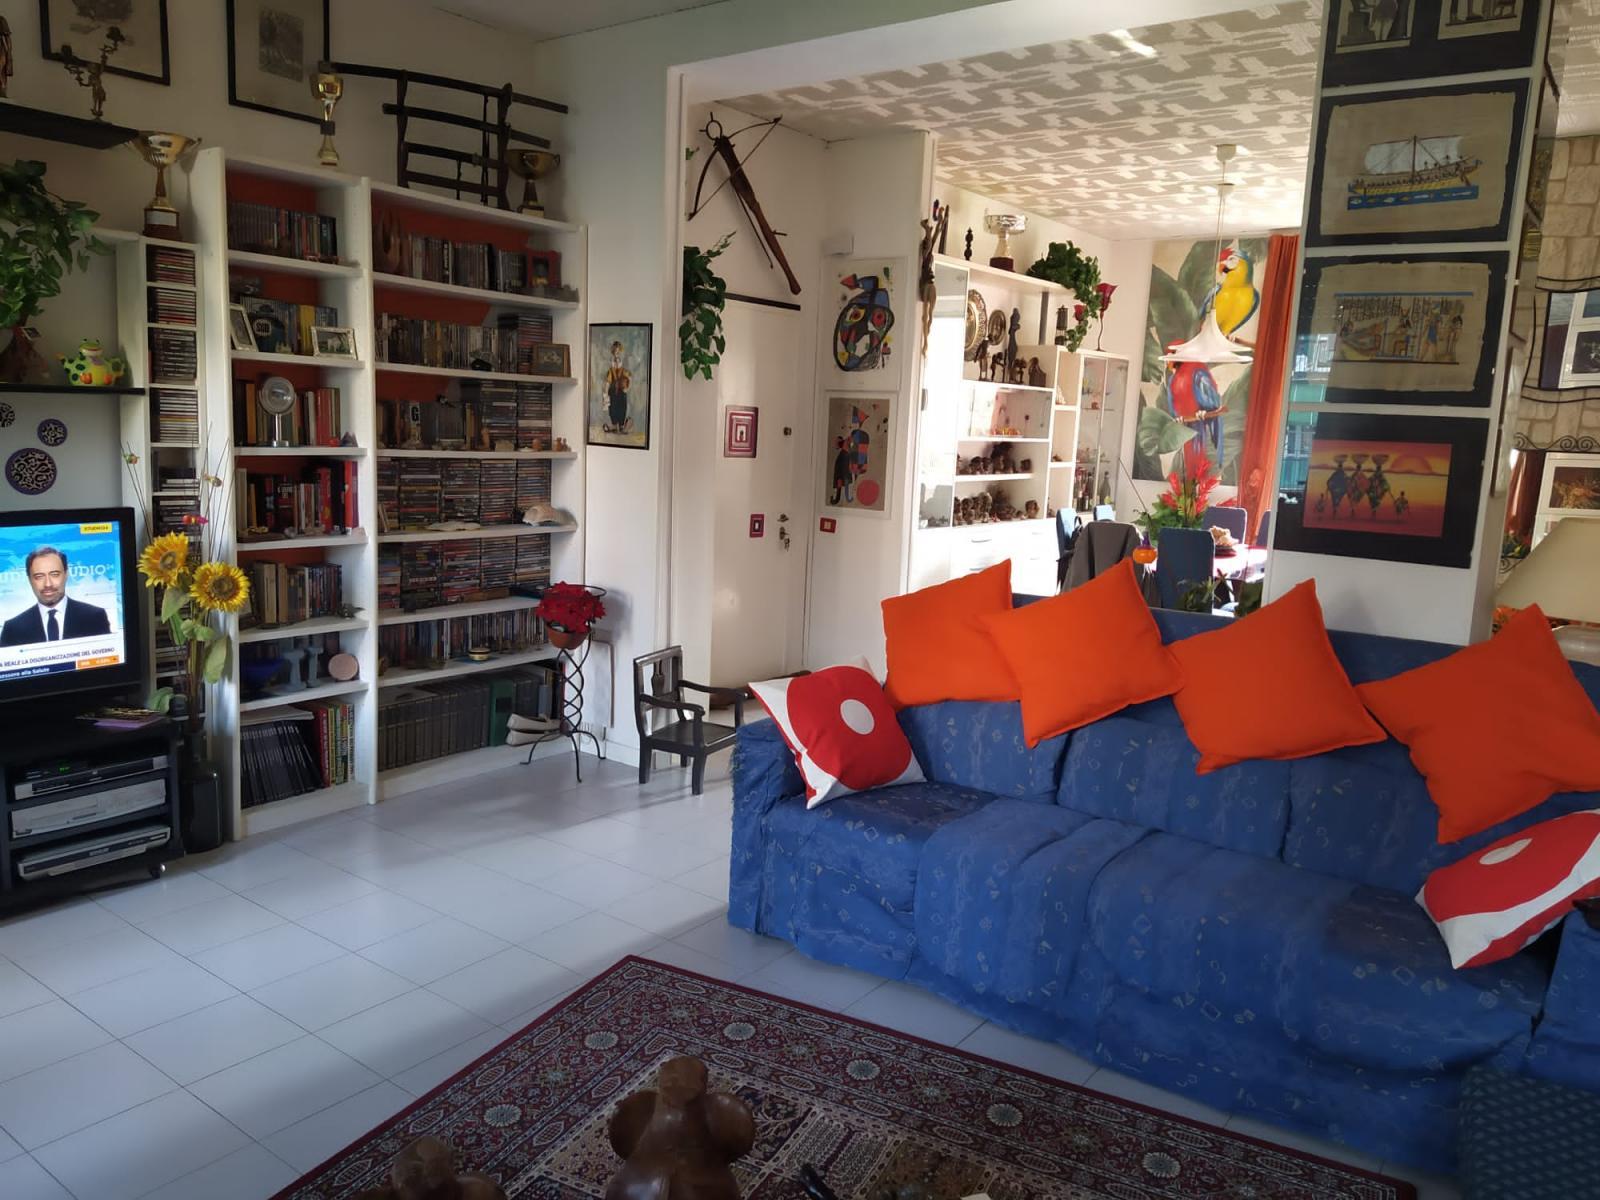 appartamento-in-vendita-a-milano-bagio-3-locali-via-cabella-spaziourbano-immobiliare-vende-5